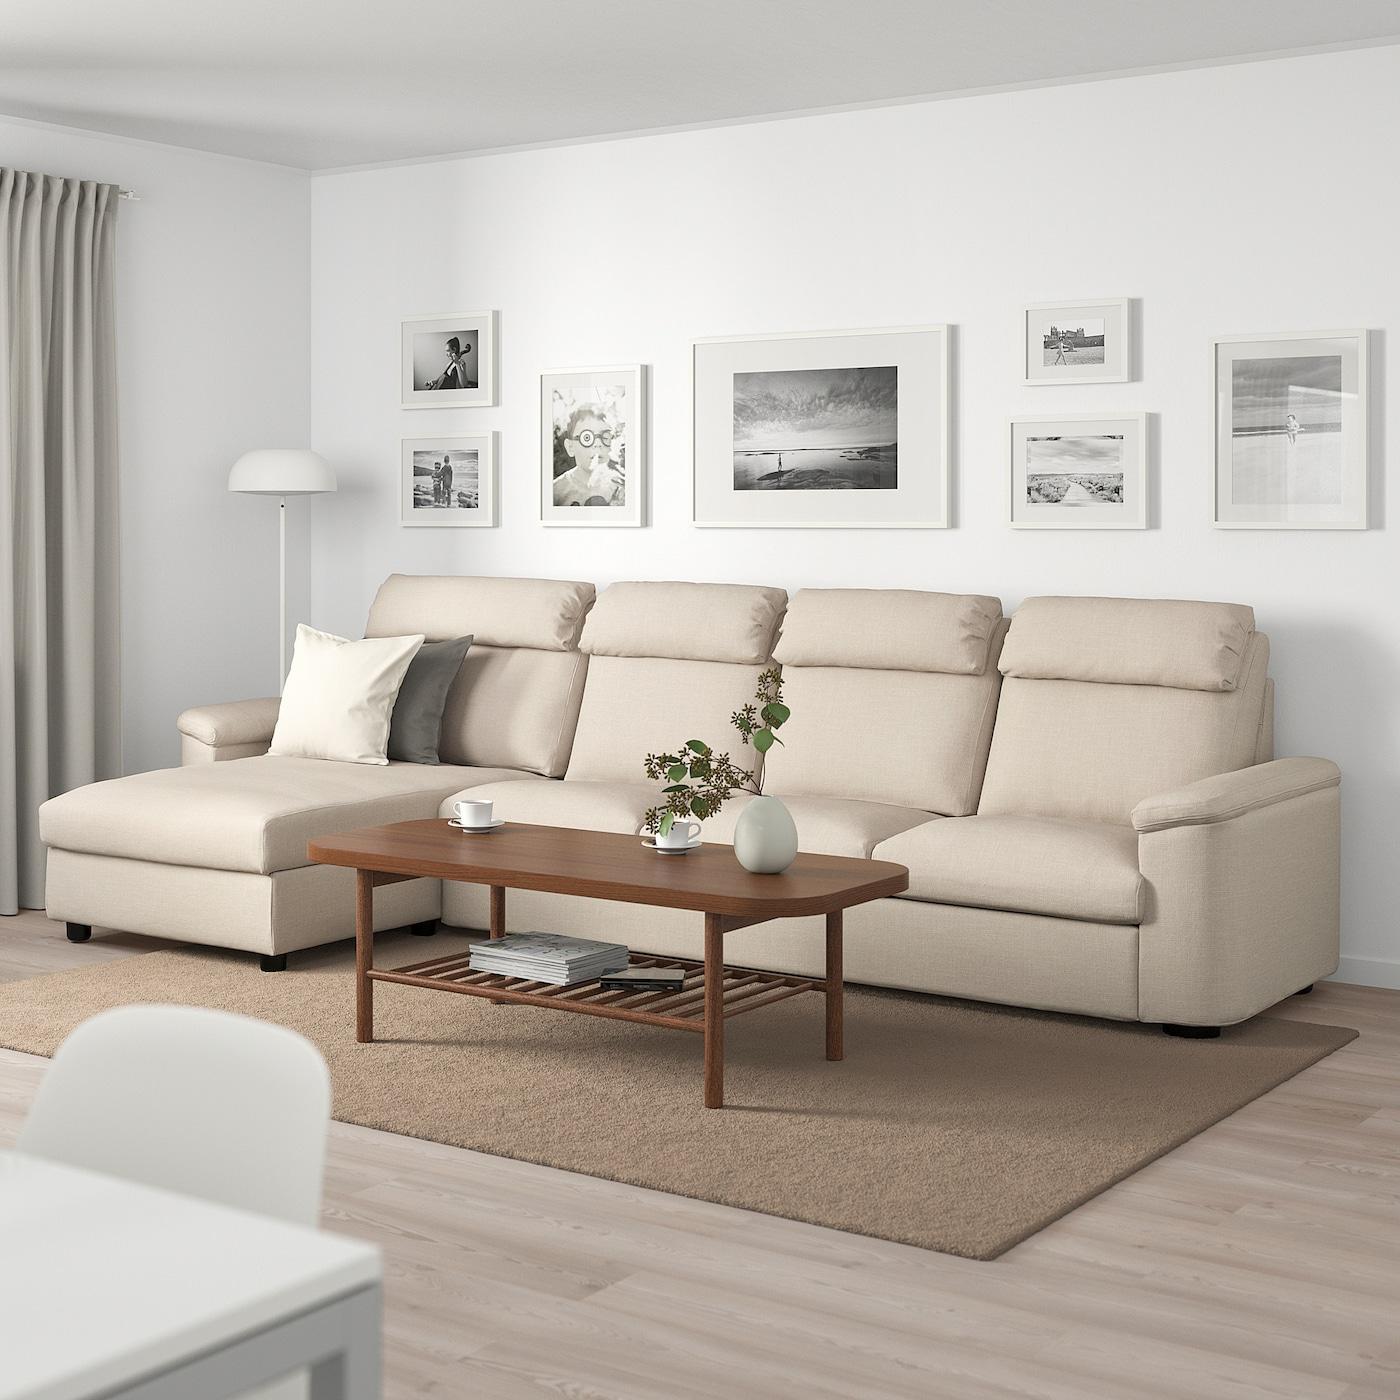 Lidhult 4er Sofa Mit Recamiere Gassebol Hellbeige Ikea Schweiz